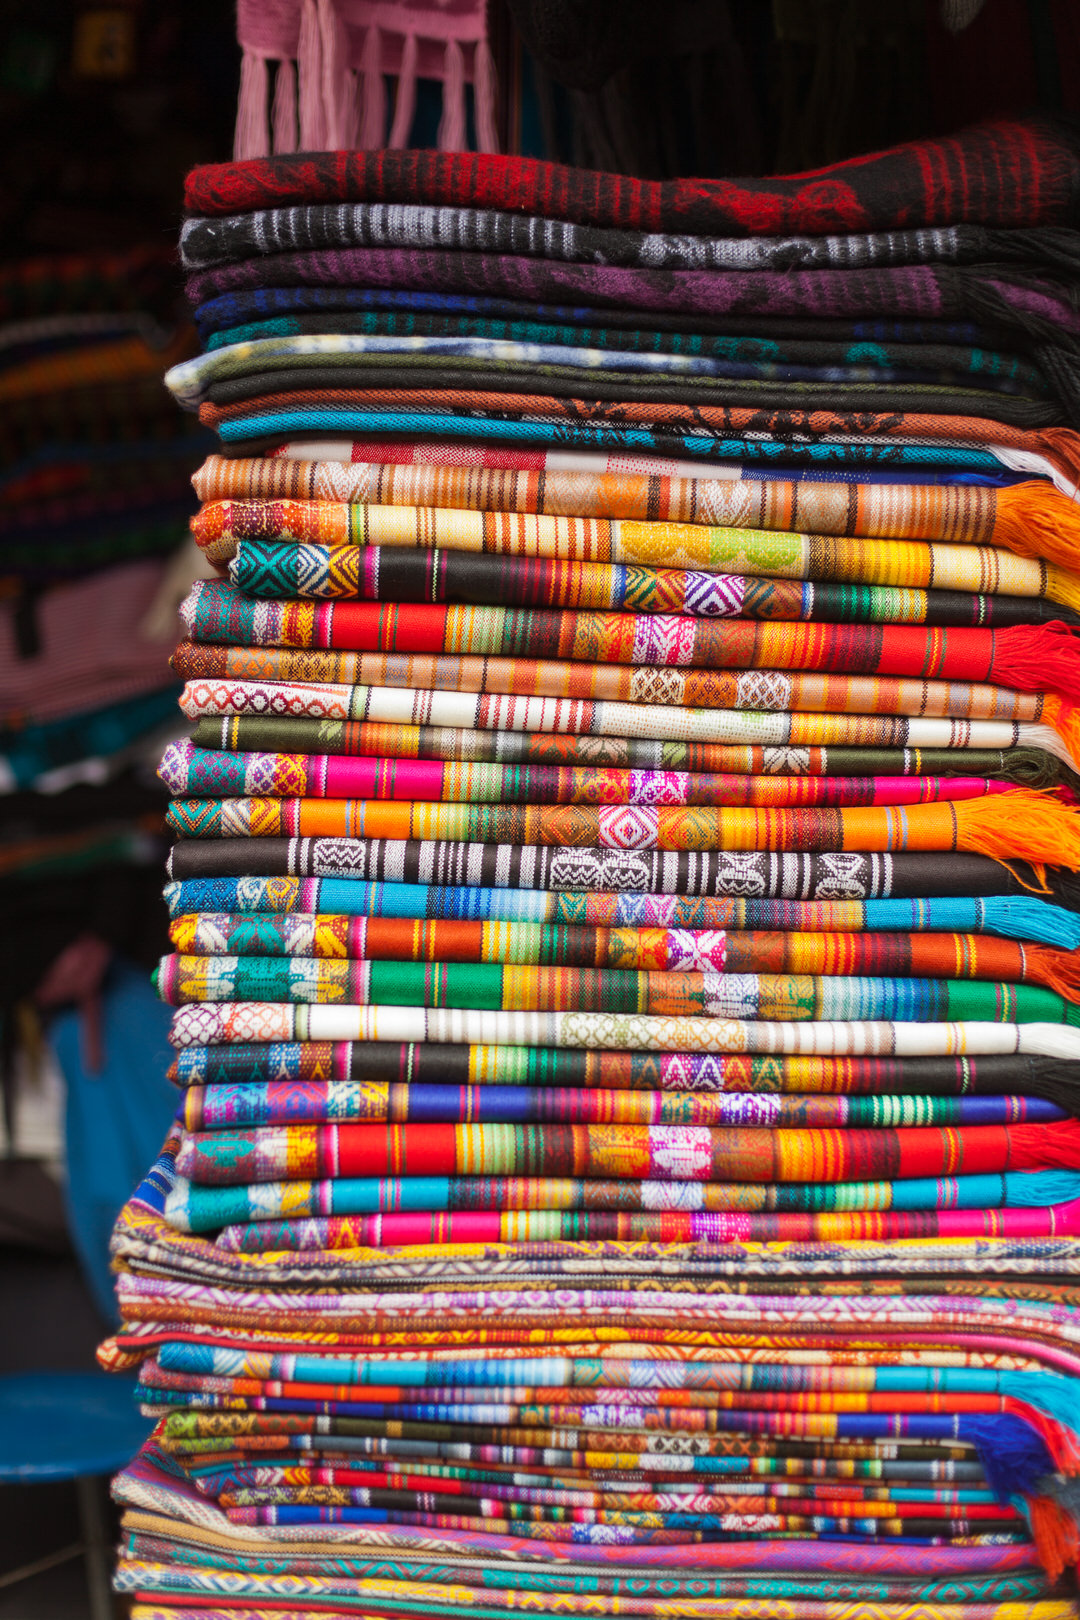 melissa kruse photography - Banos, Ecuador-92.jpg